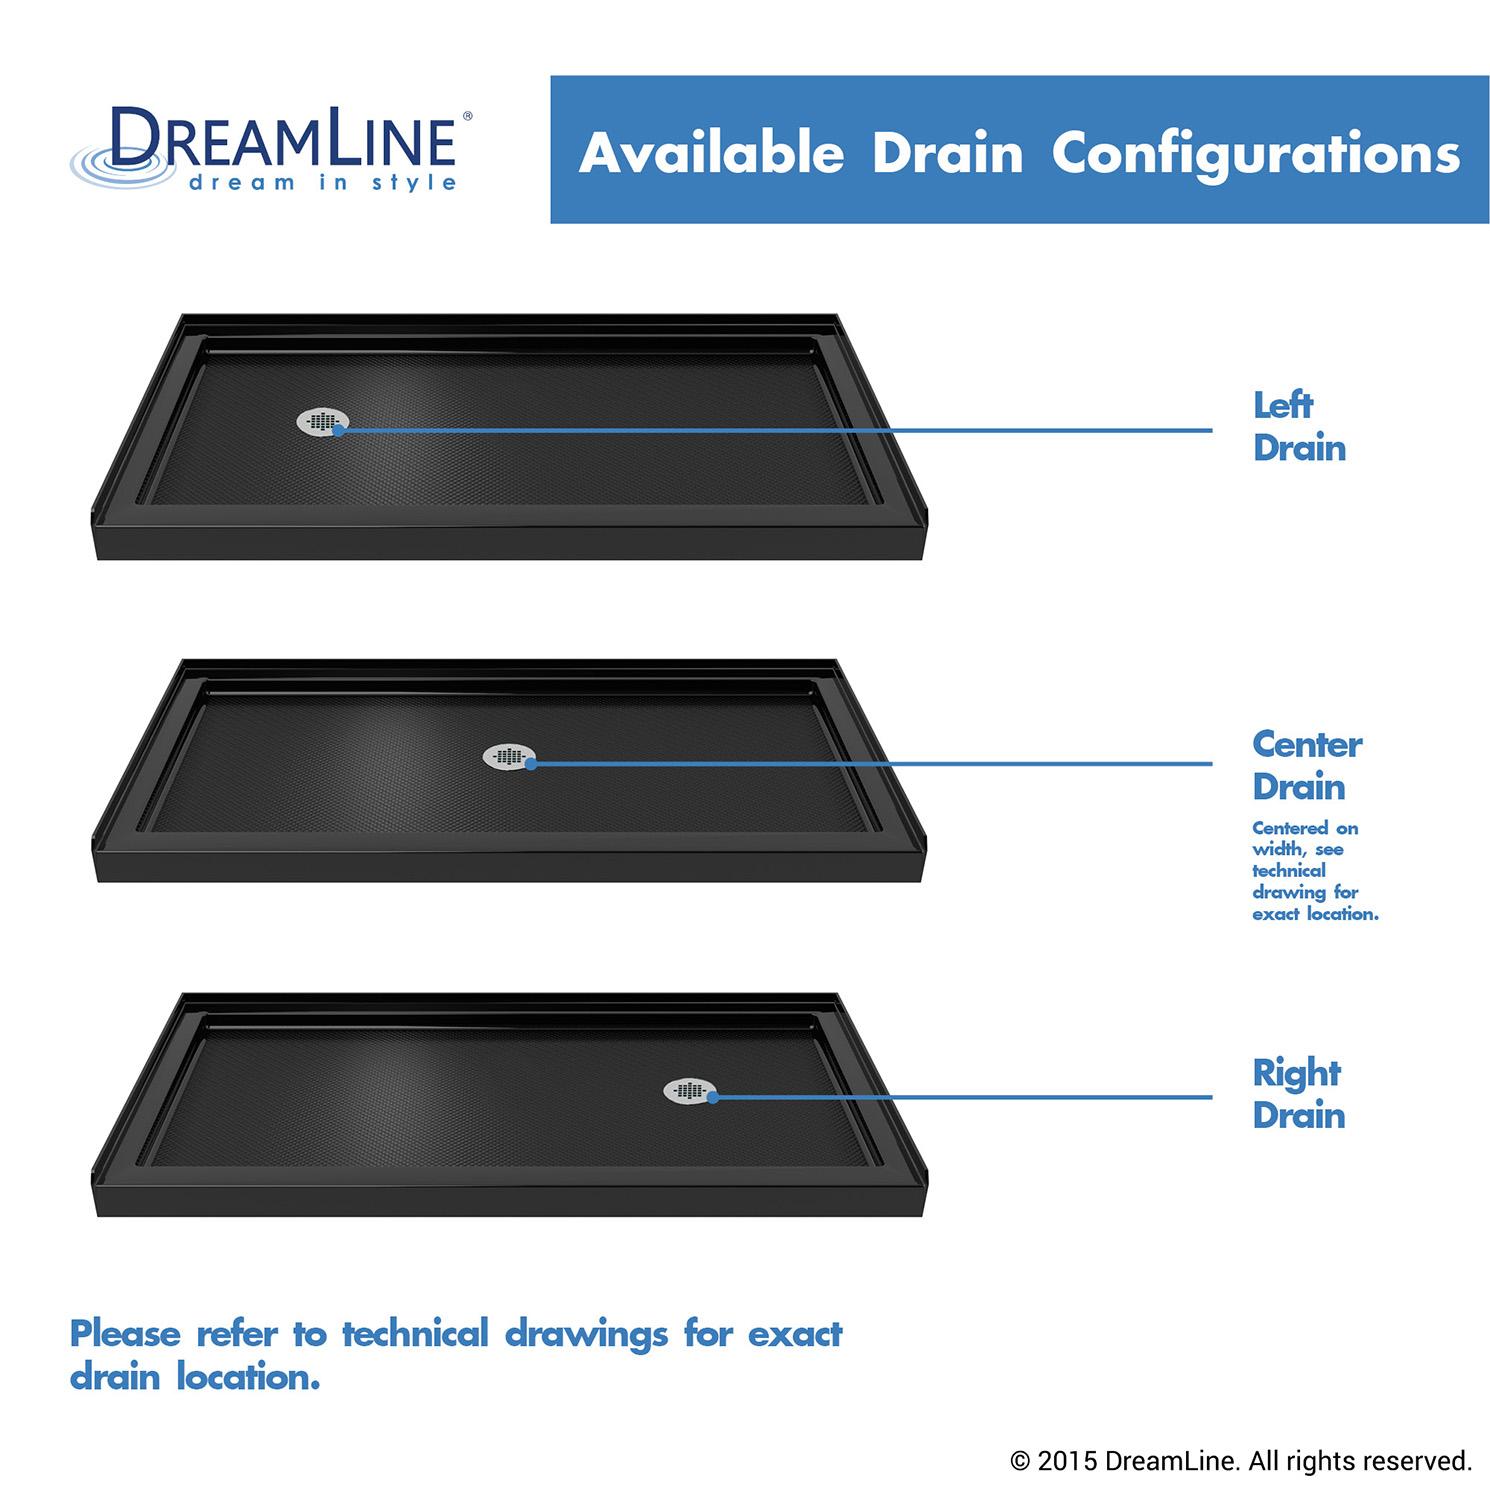 Bath4all Dreamline Dlt 1130602 88 Slimline 30 X 60 Shower Base In